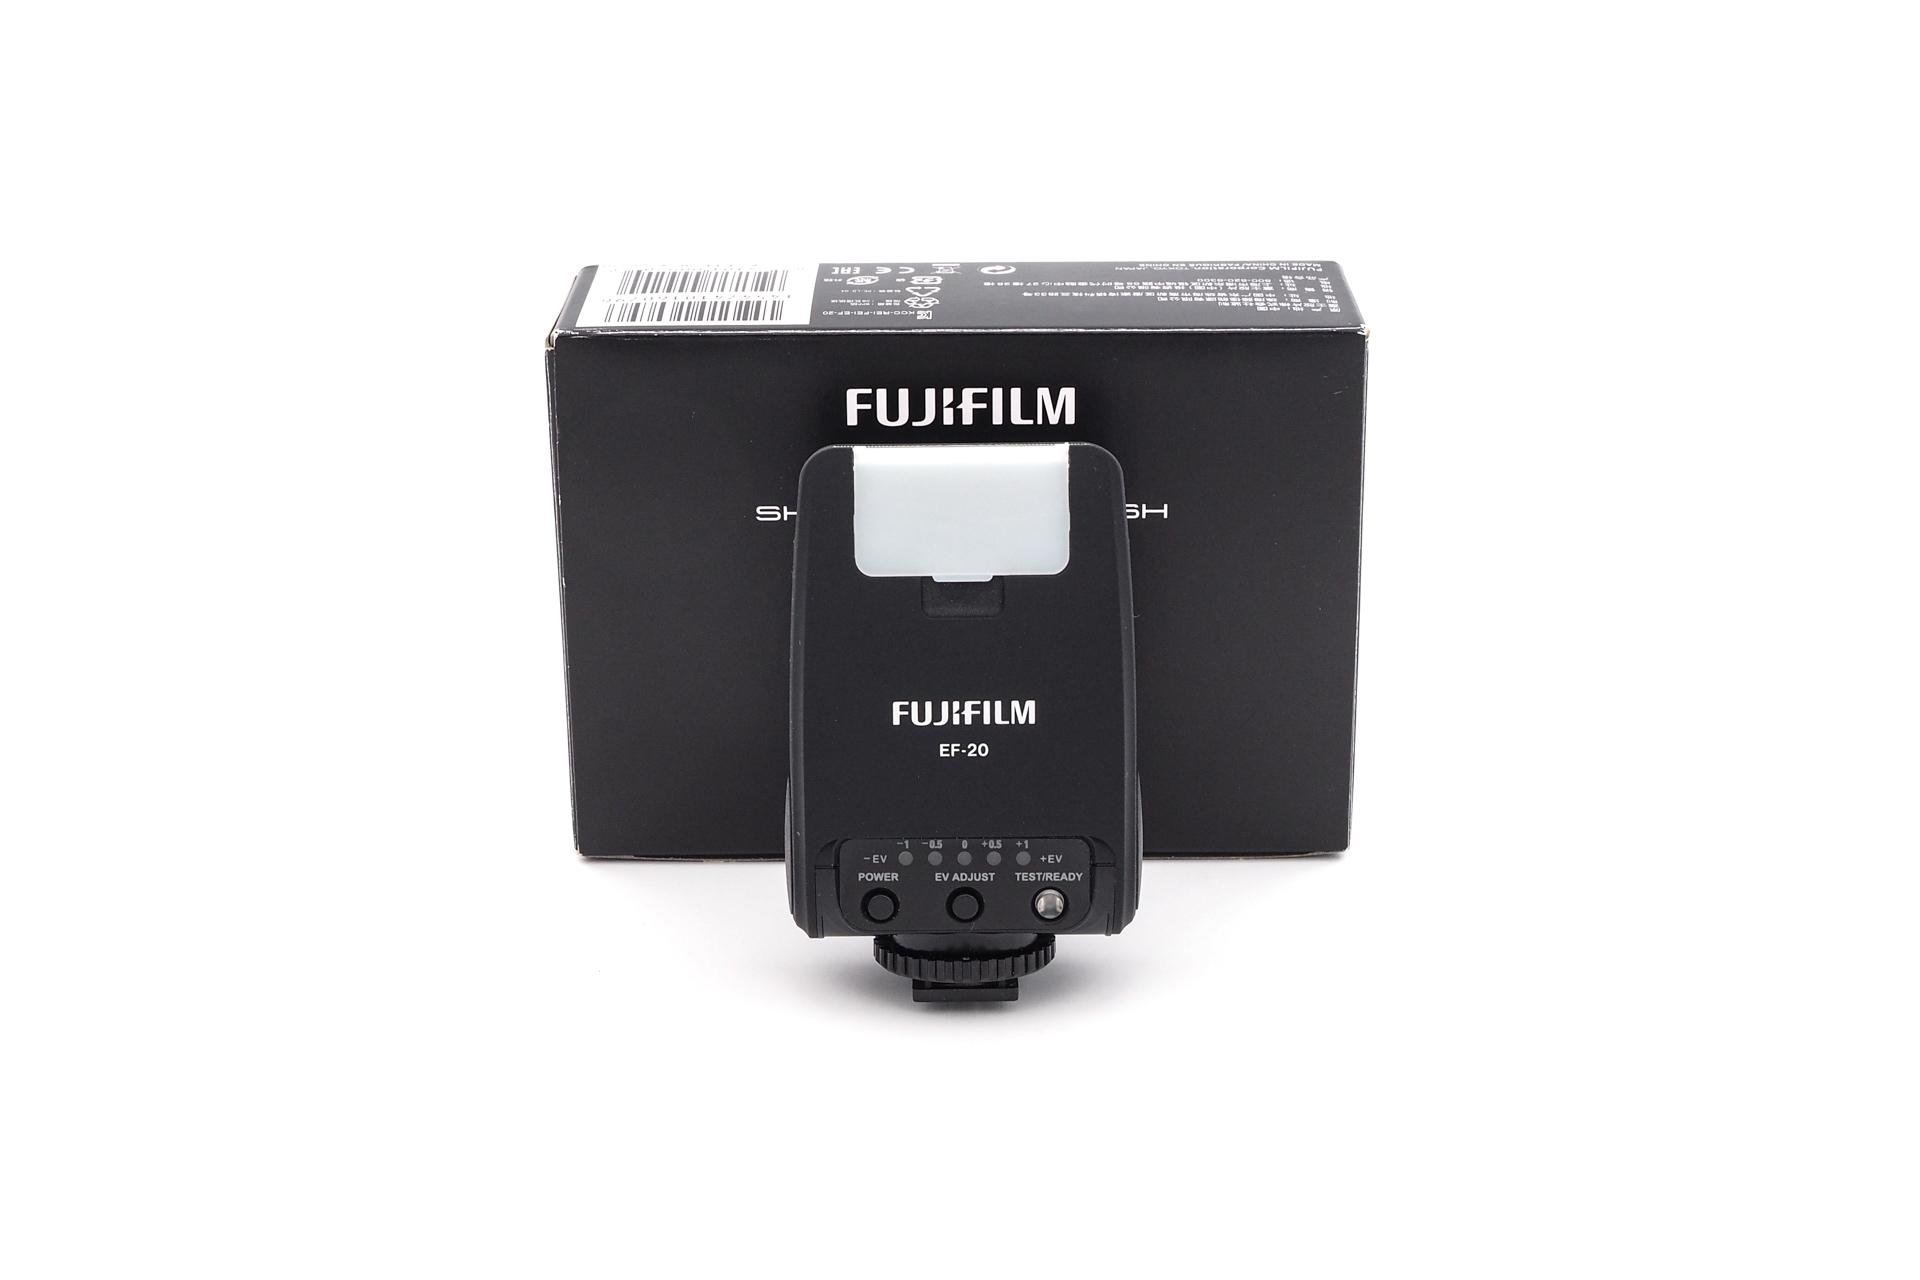 Fujifilm EF-20 Blitz